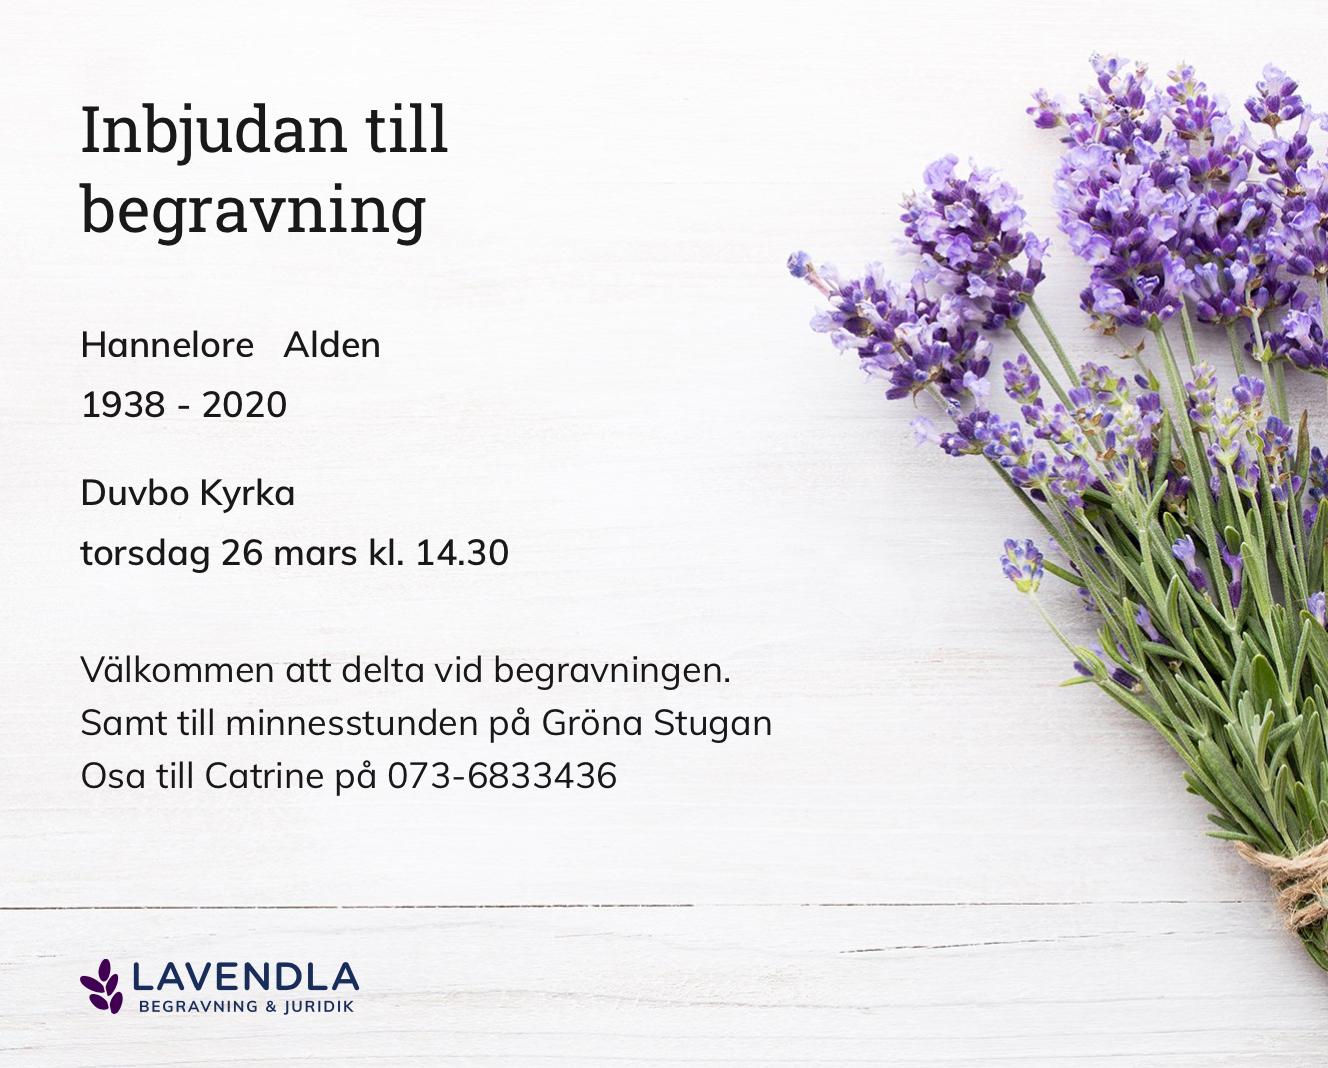 Inbjudningskort till ceremonin för Hannelore Alden